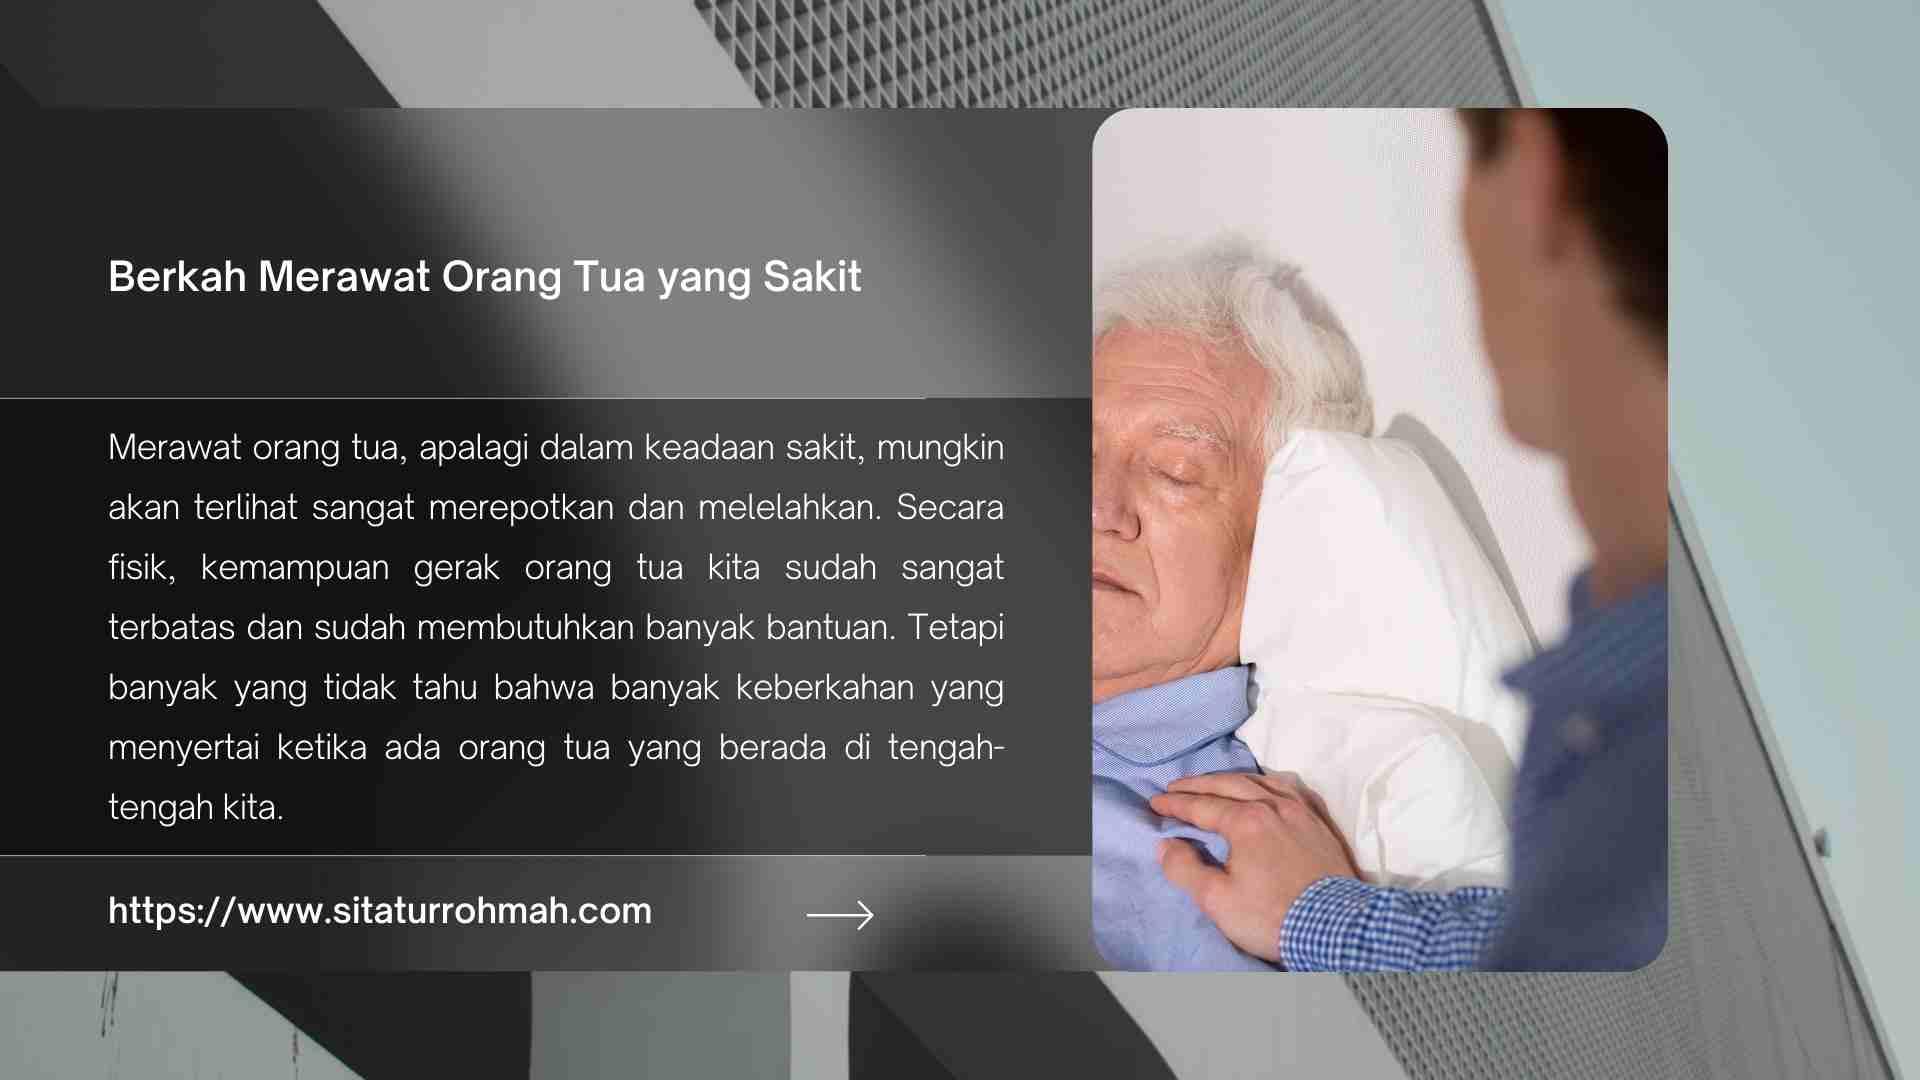 hikmah merawat orang tua